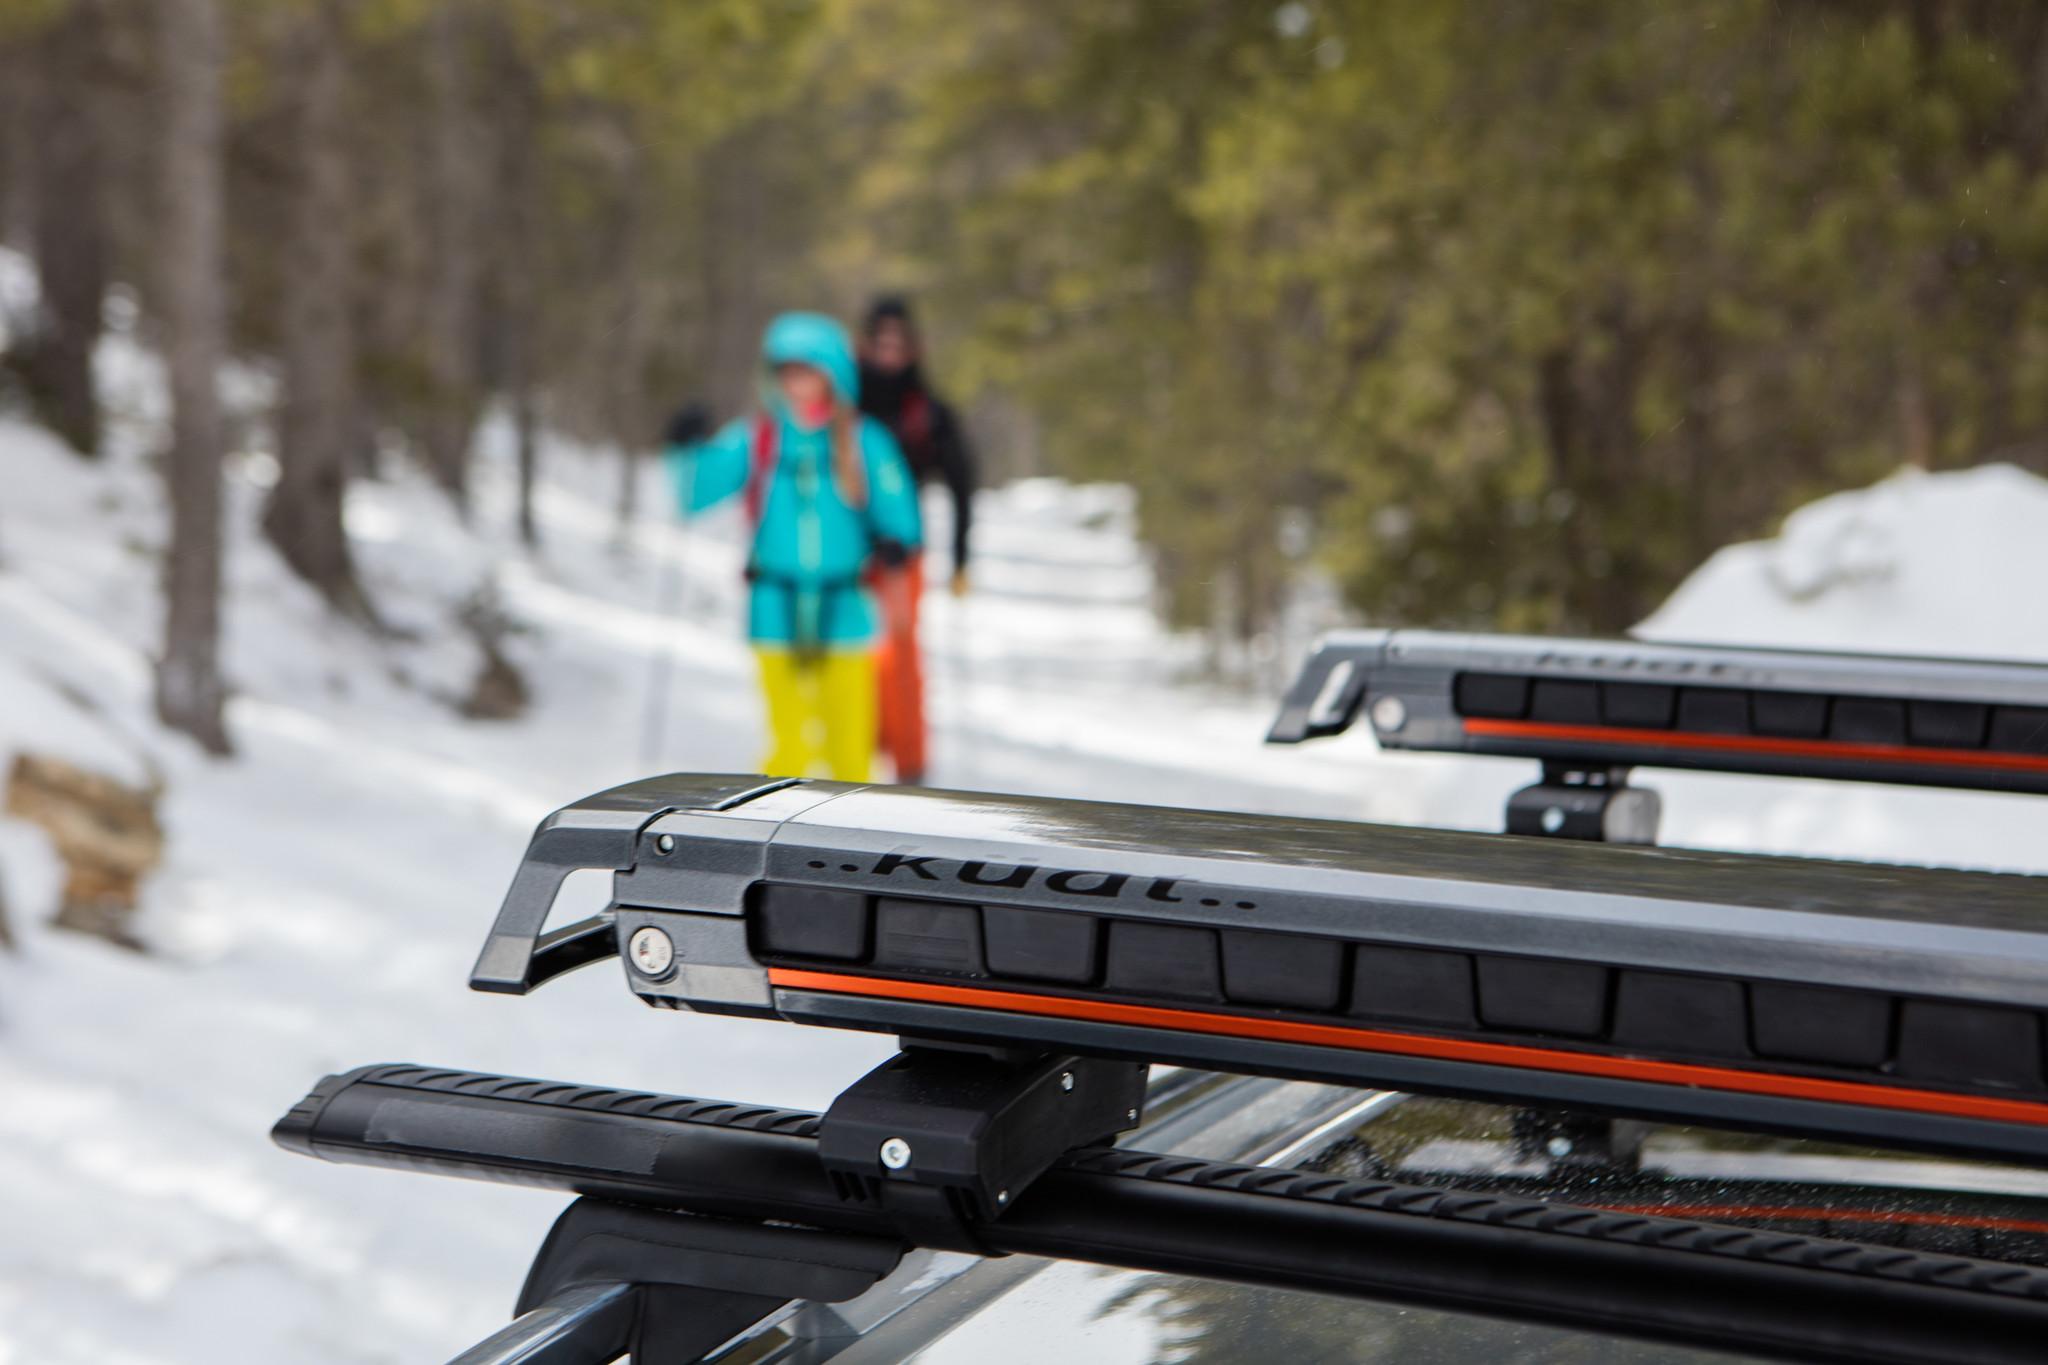 All About Ski Racks